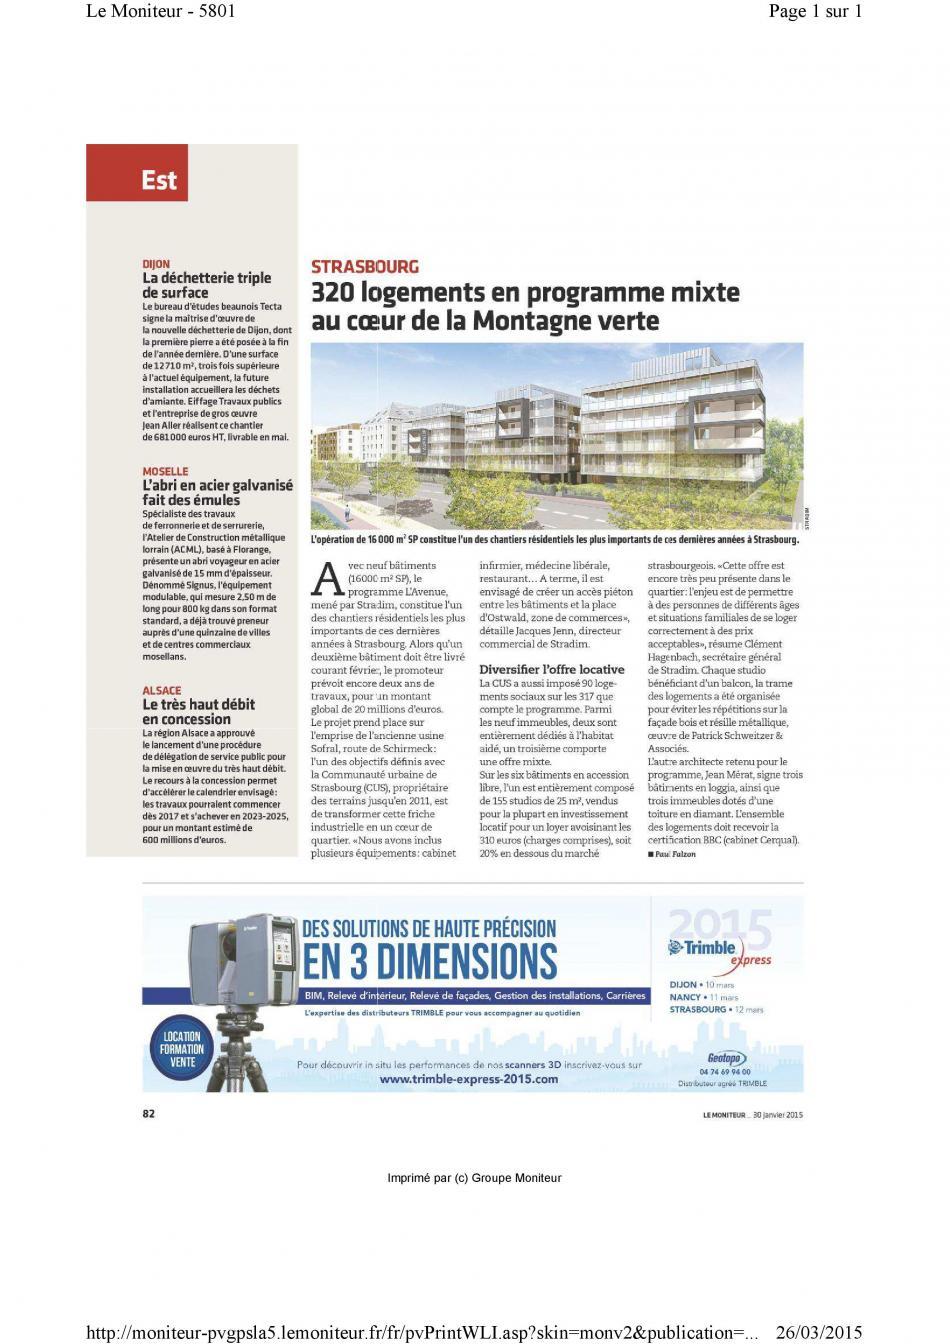 article_du_moniteur_l_avenue_30.01.2015-page-001.jpg